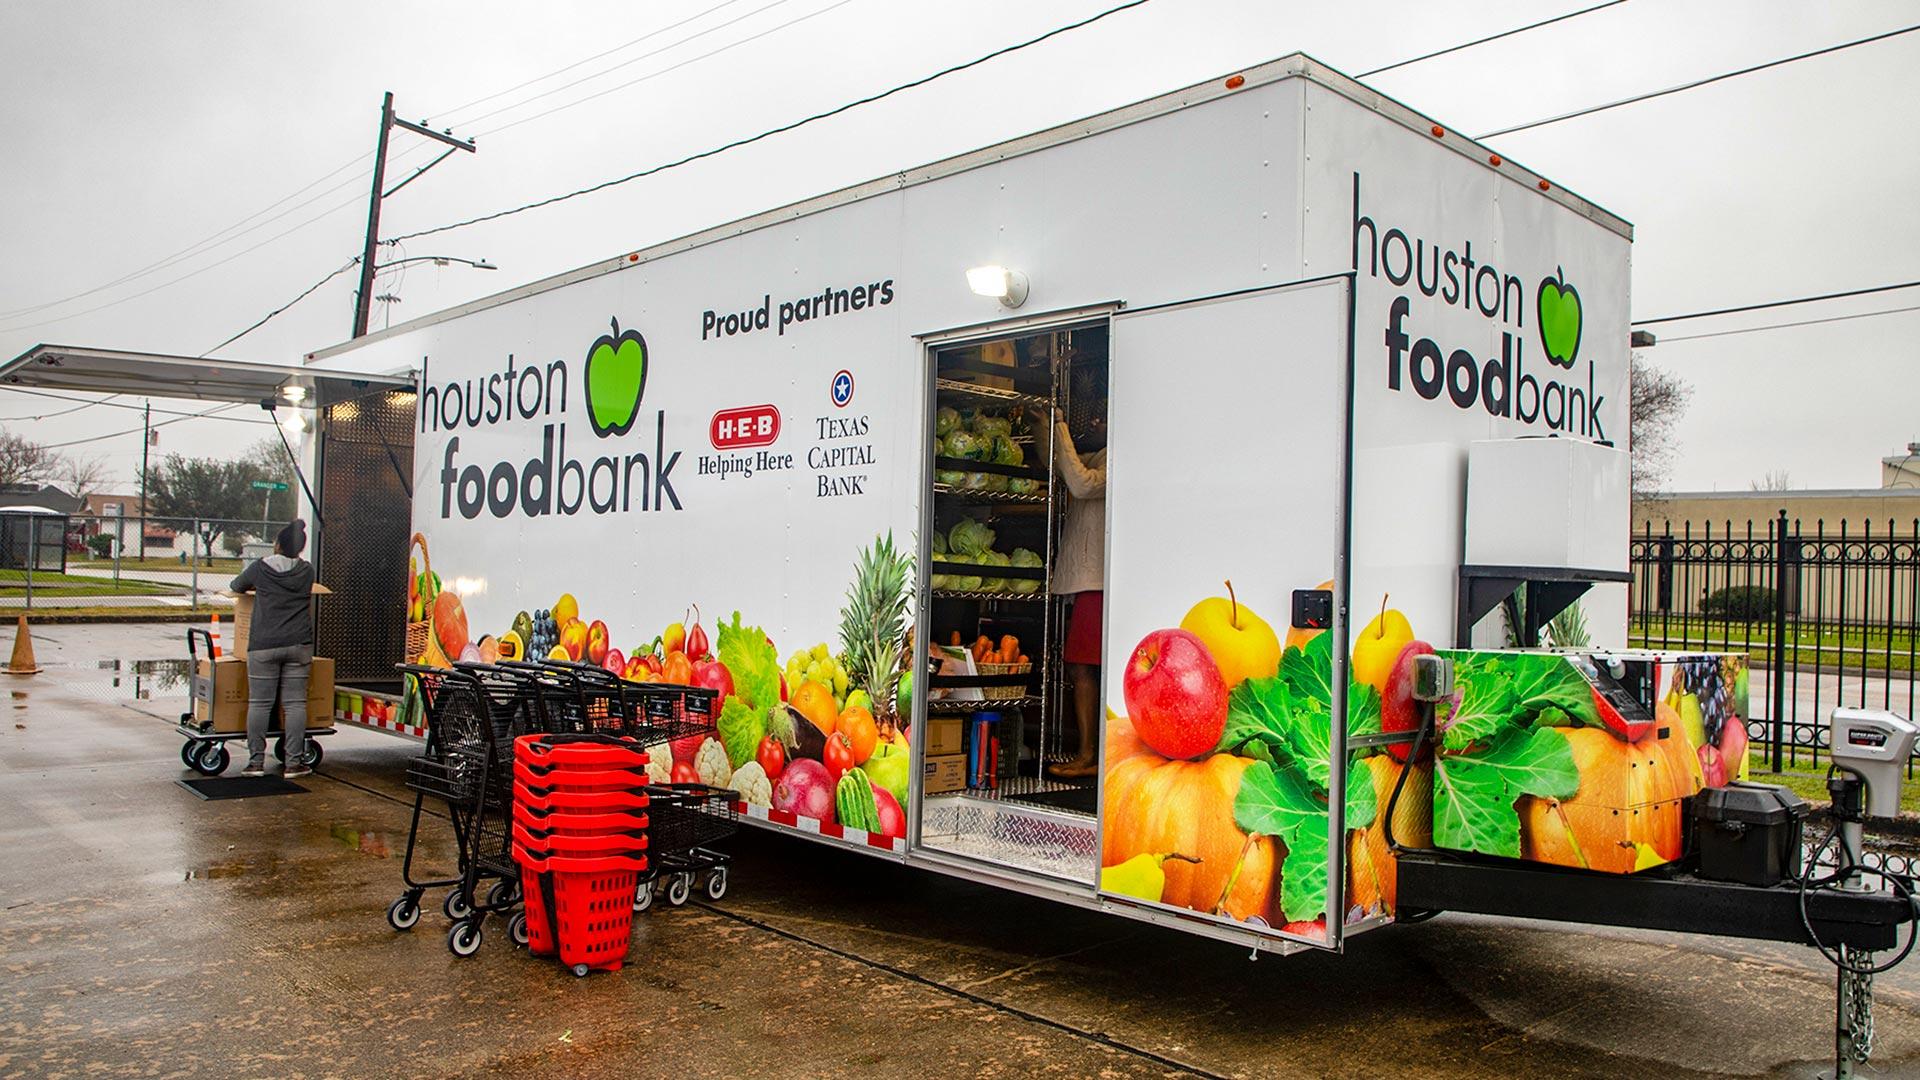 The Houston Food Bank distribution trailer